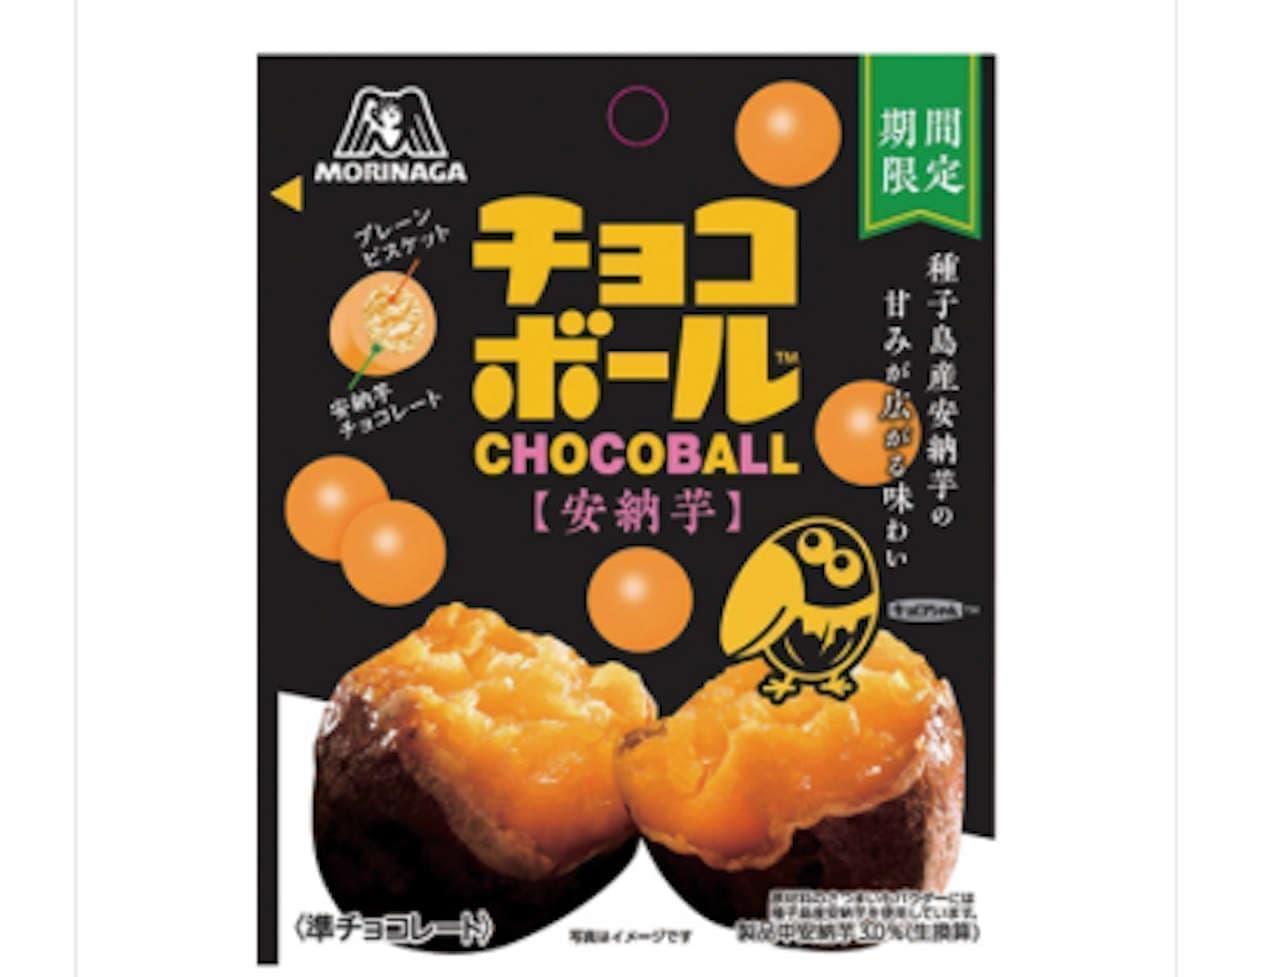 ファミマ「森永 チョコボール安納芋」